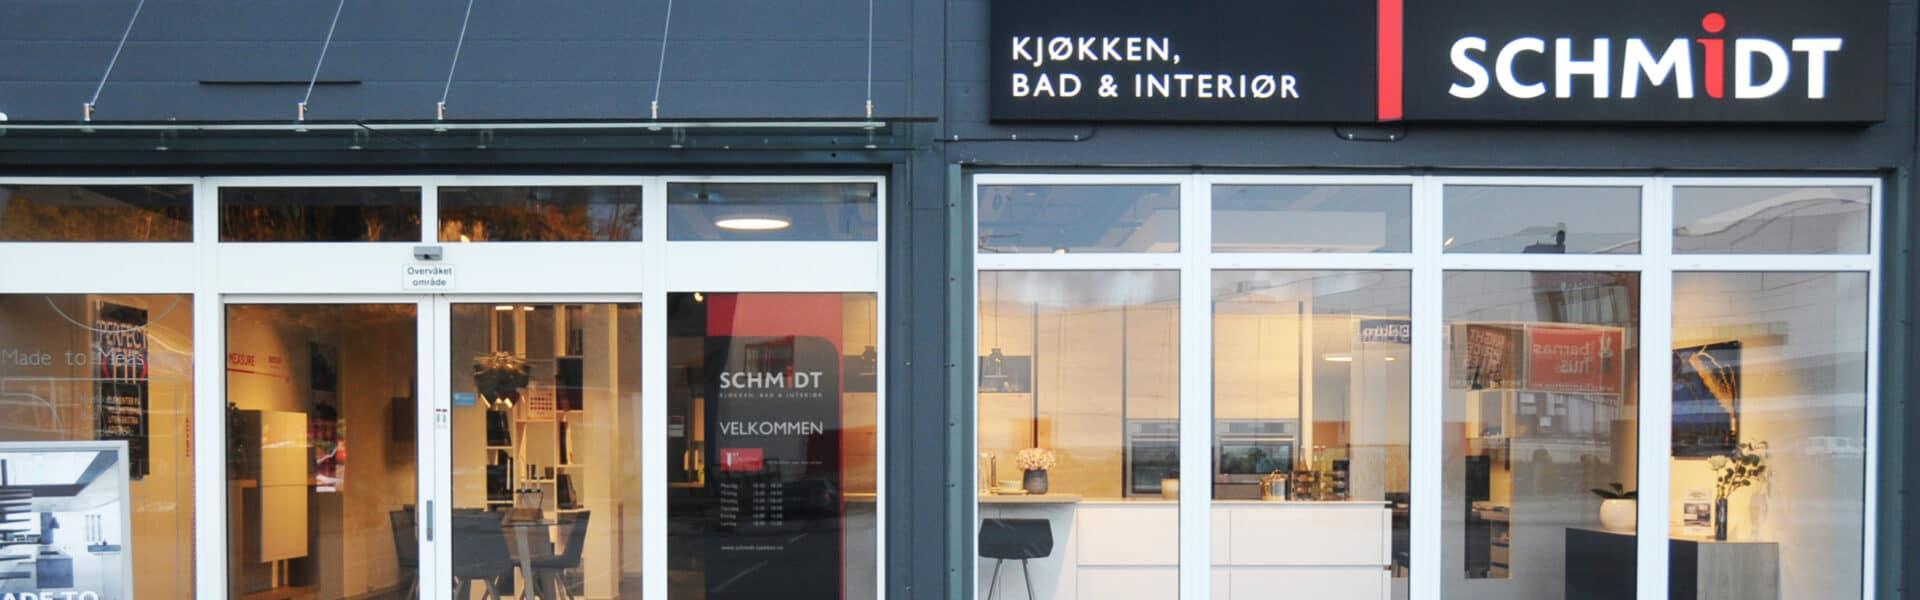 Schmidt kjøkken, bad og interiør i i Kristiansand.